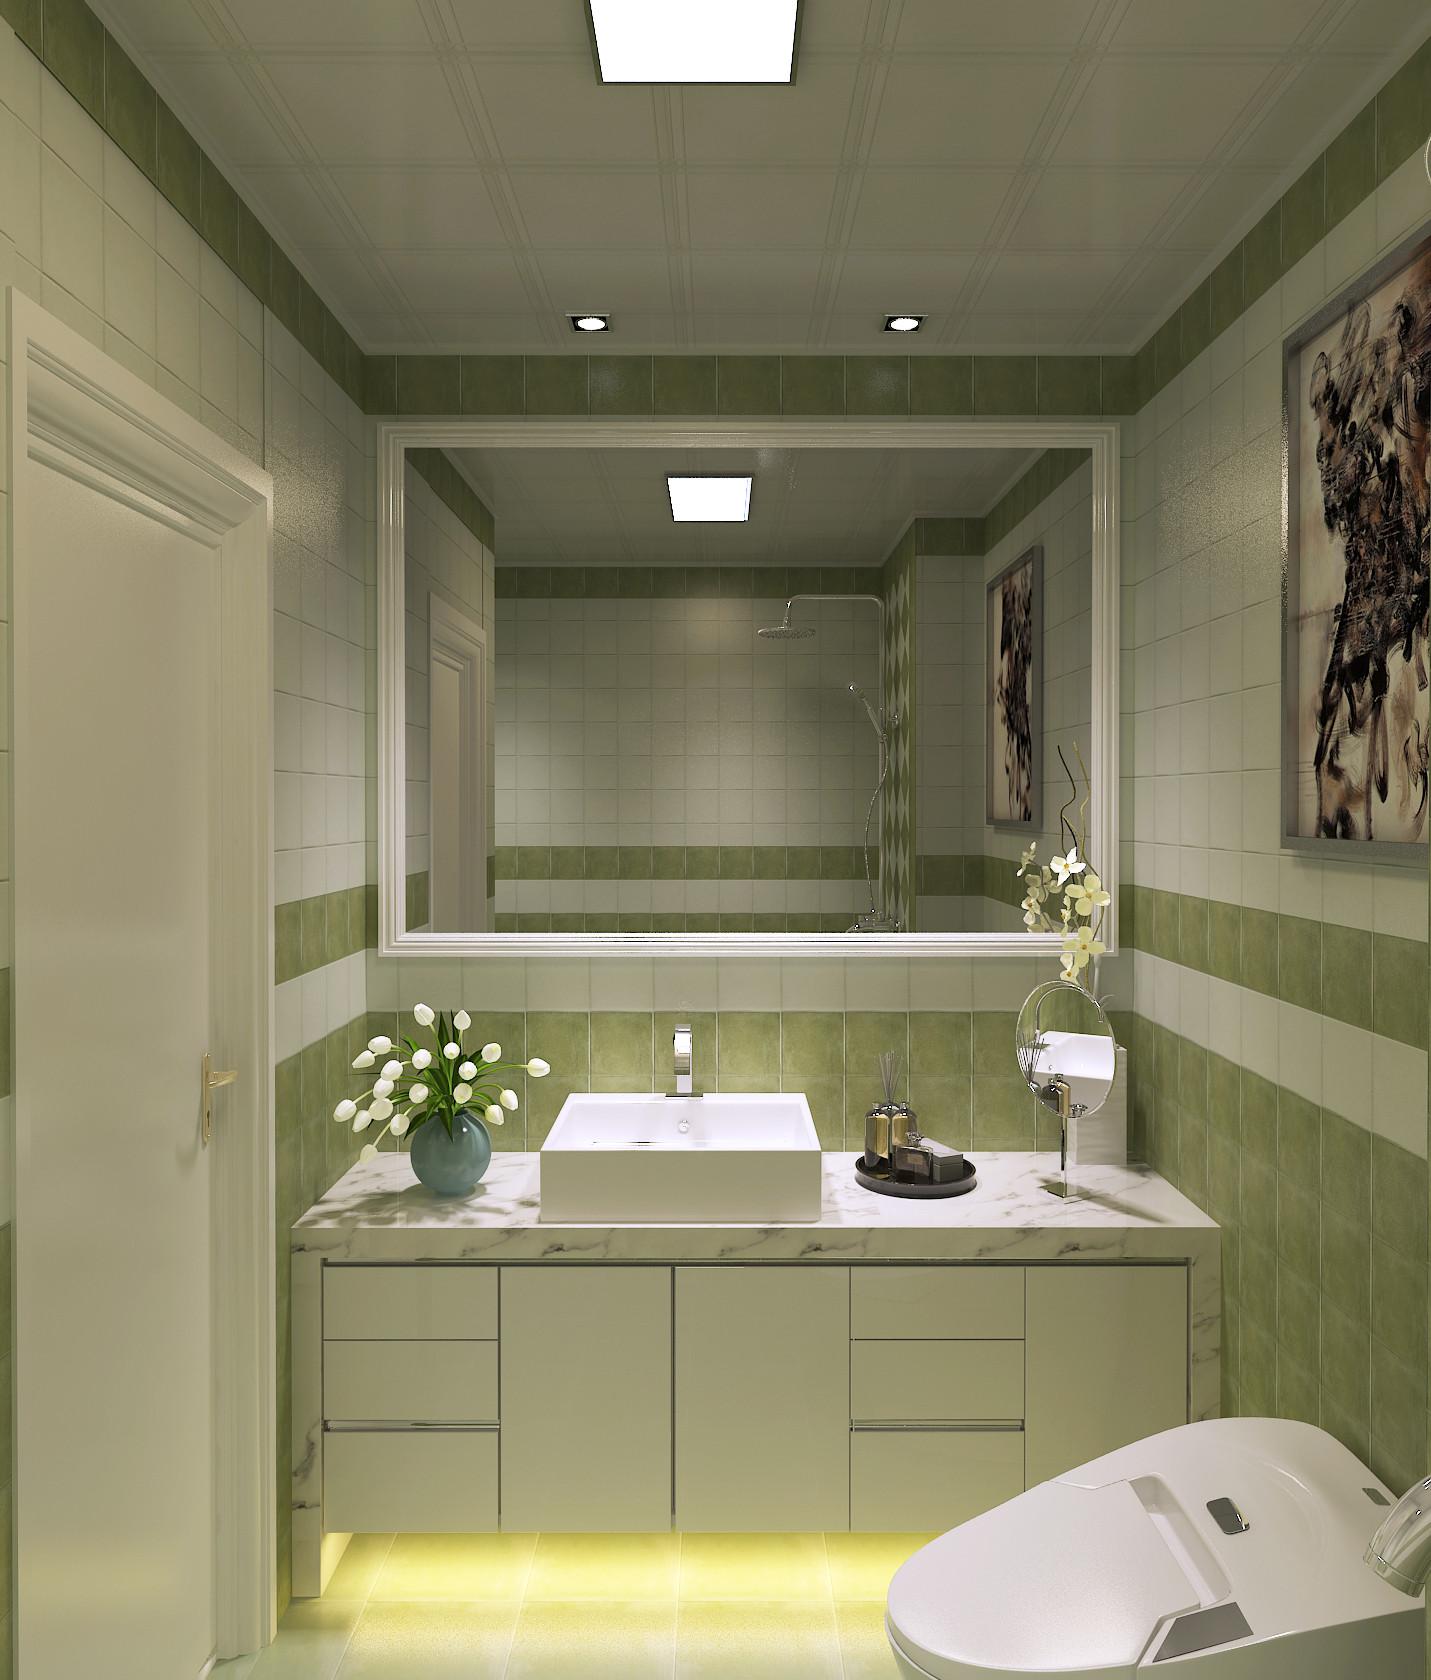 现代简约装修浴室柜图片